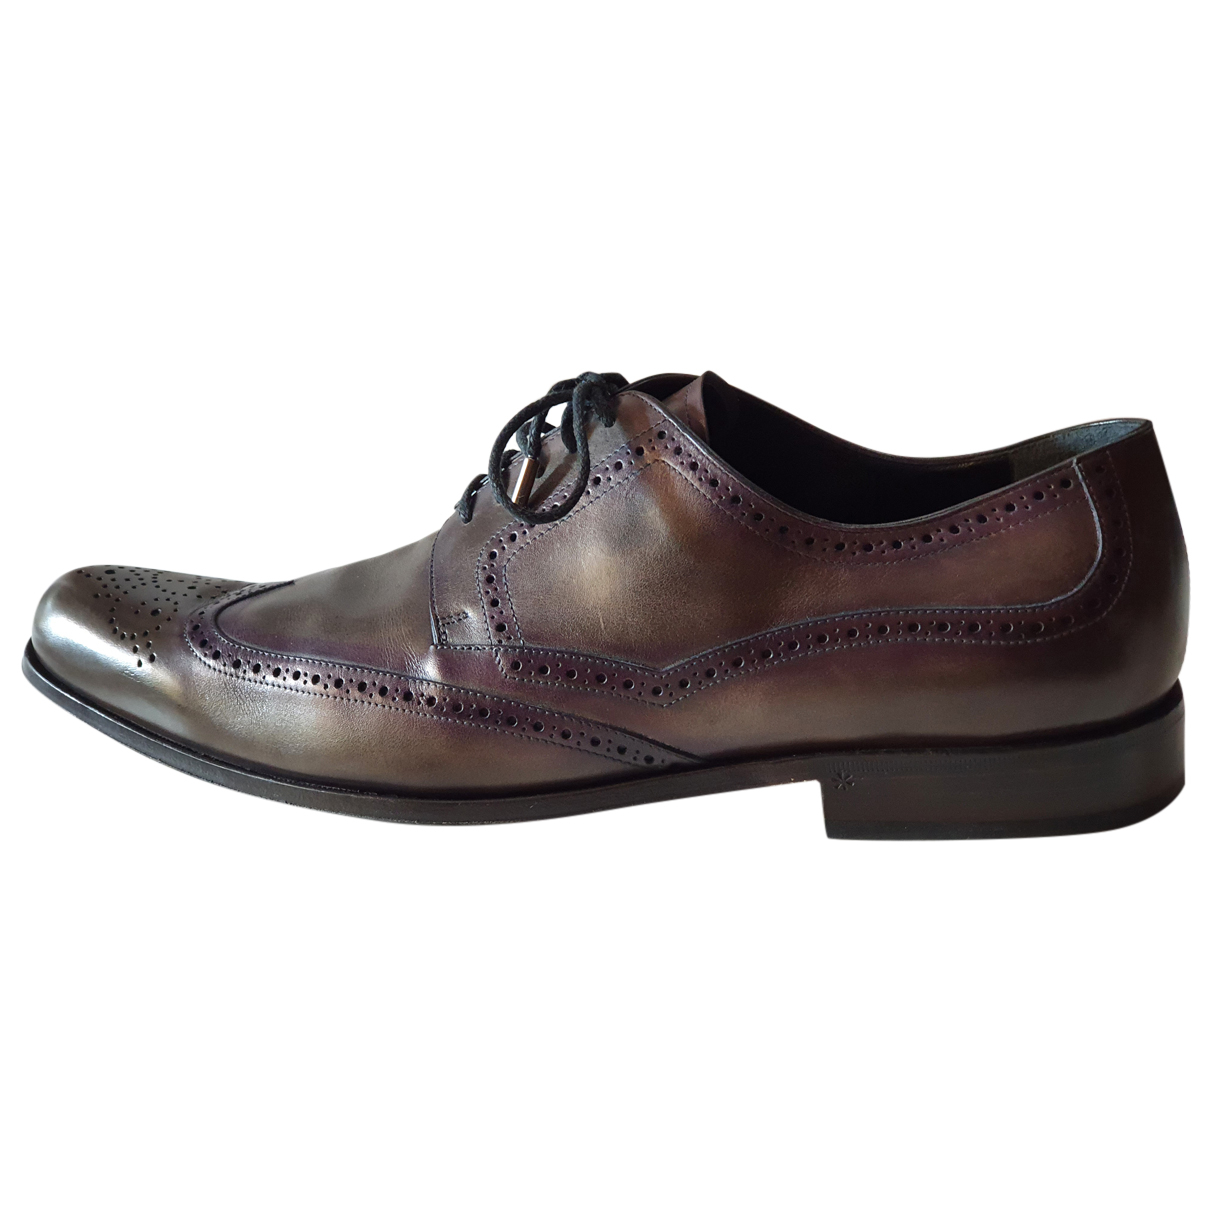 Dolce & Gabbana - Derbies   pour homme en cuir verni - gris